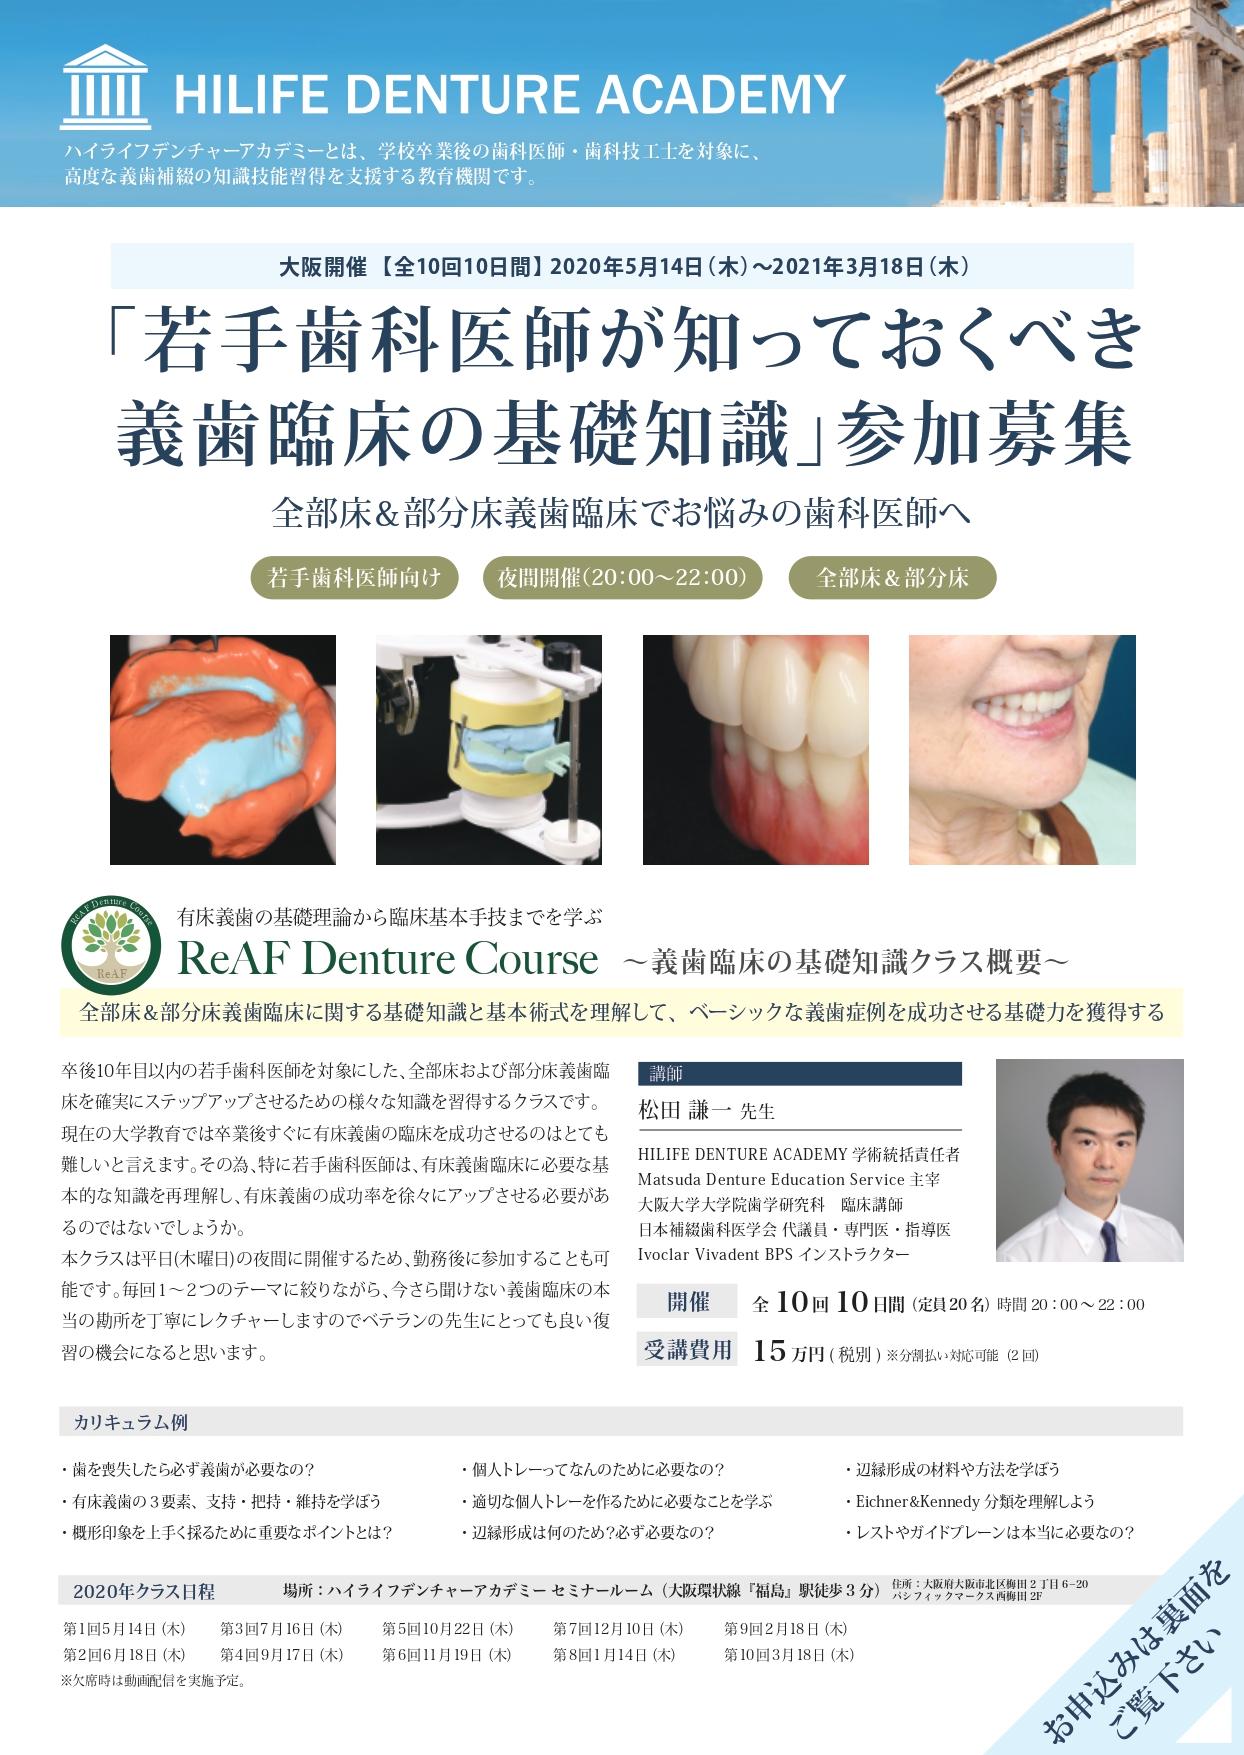 オンライン受講可能:ReAF Denture Course ~若手歯科医師が知っておくべき義歯臨床の基礎知識~